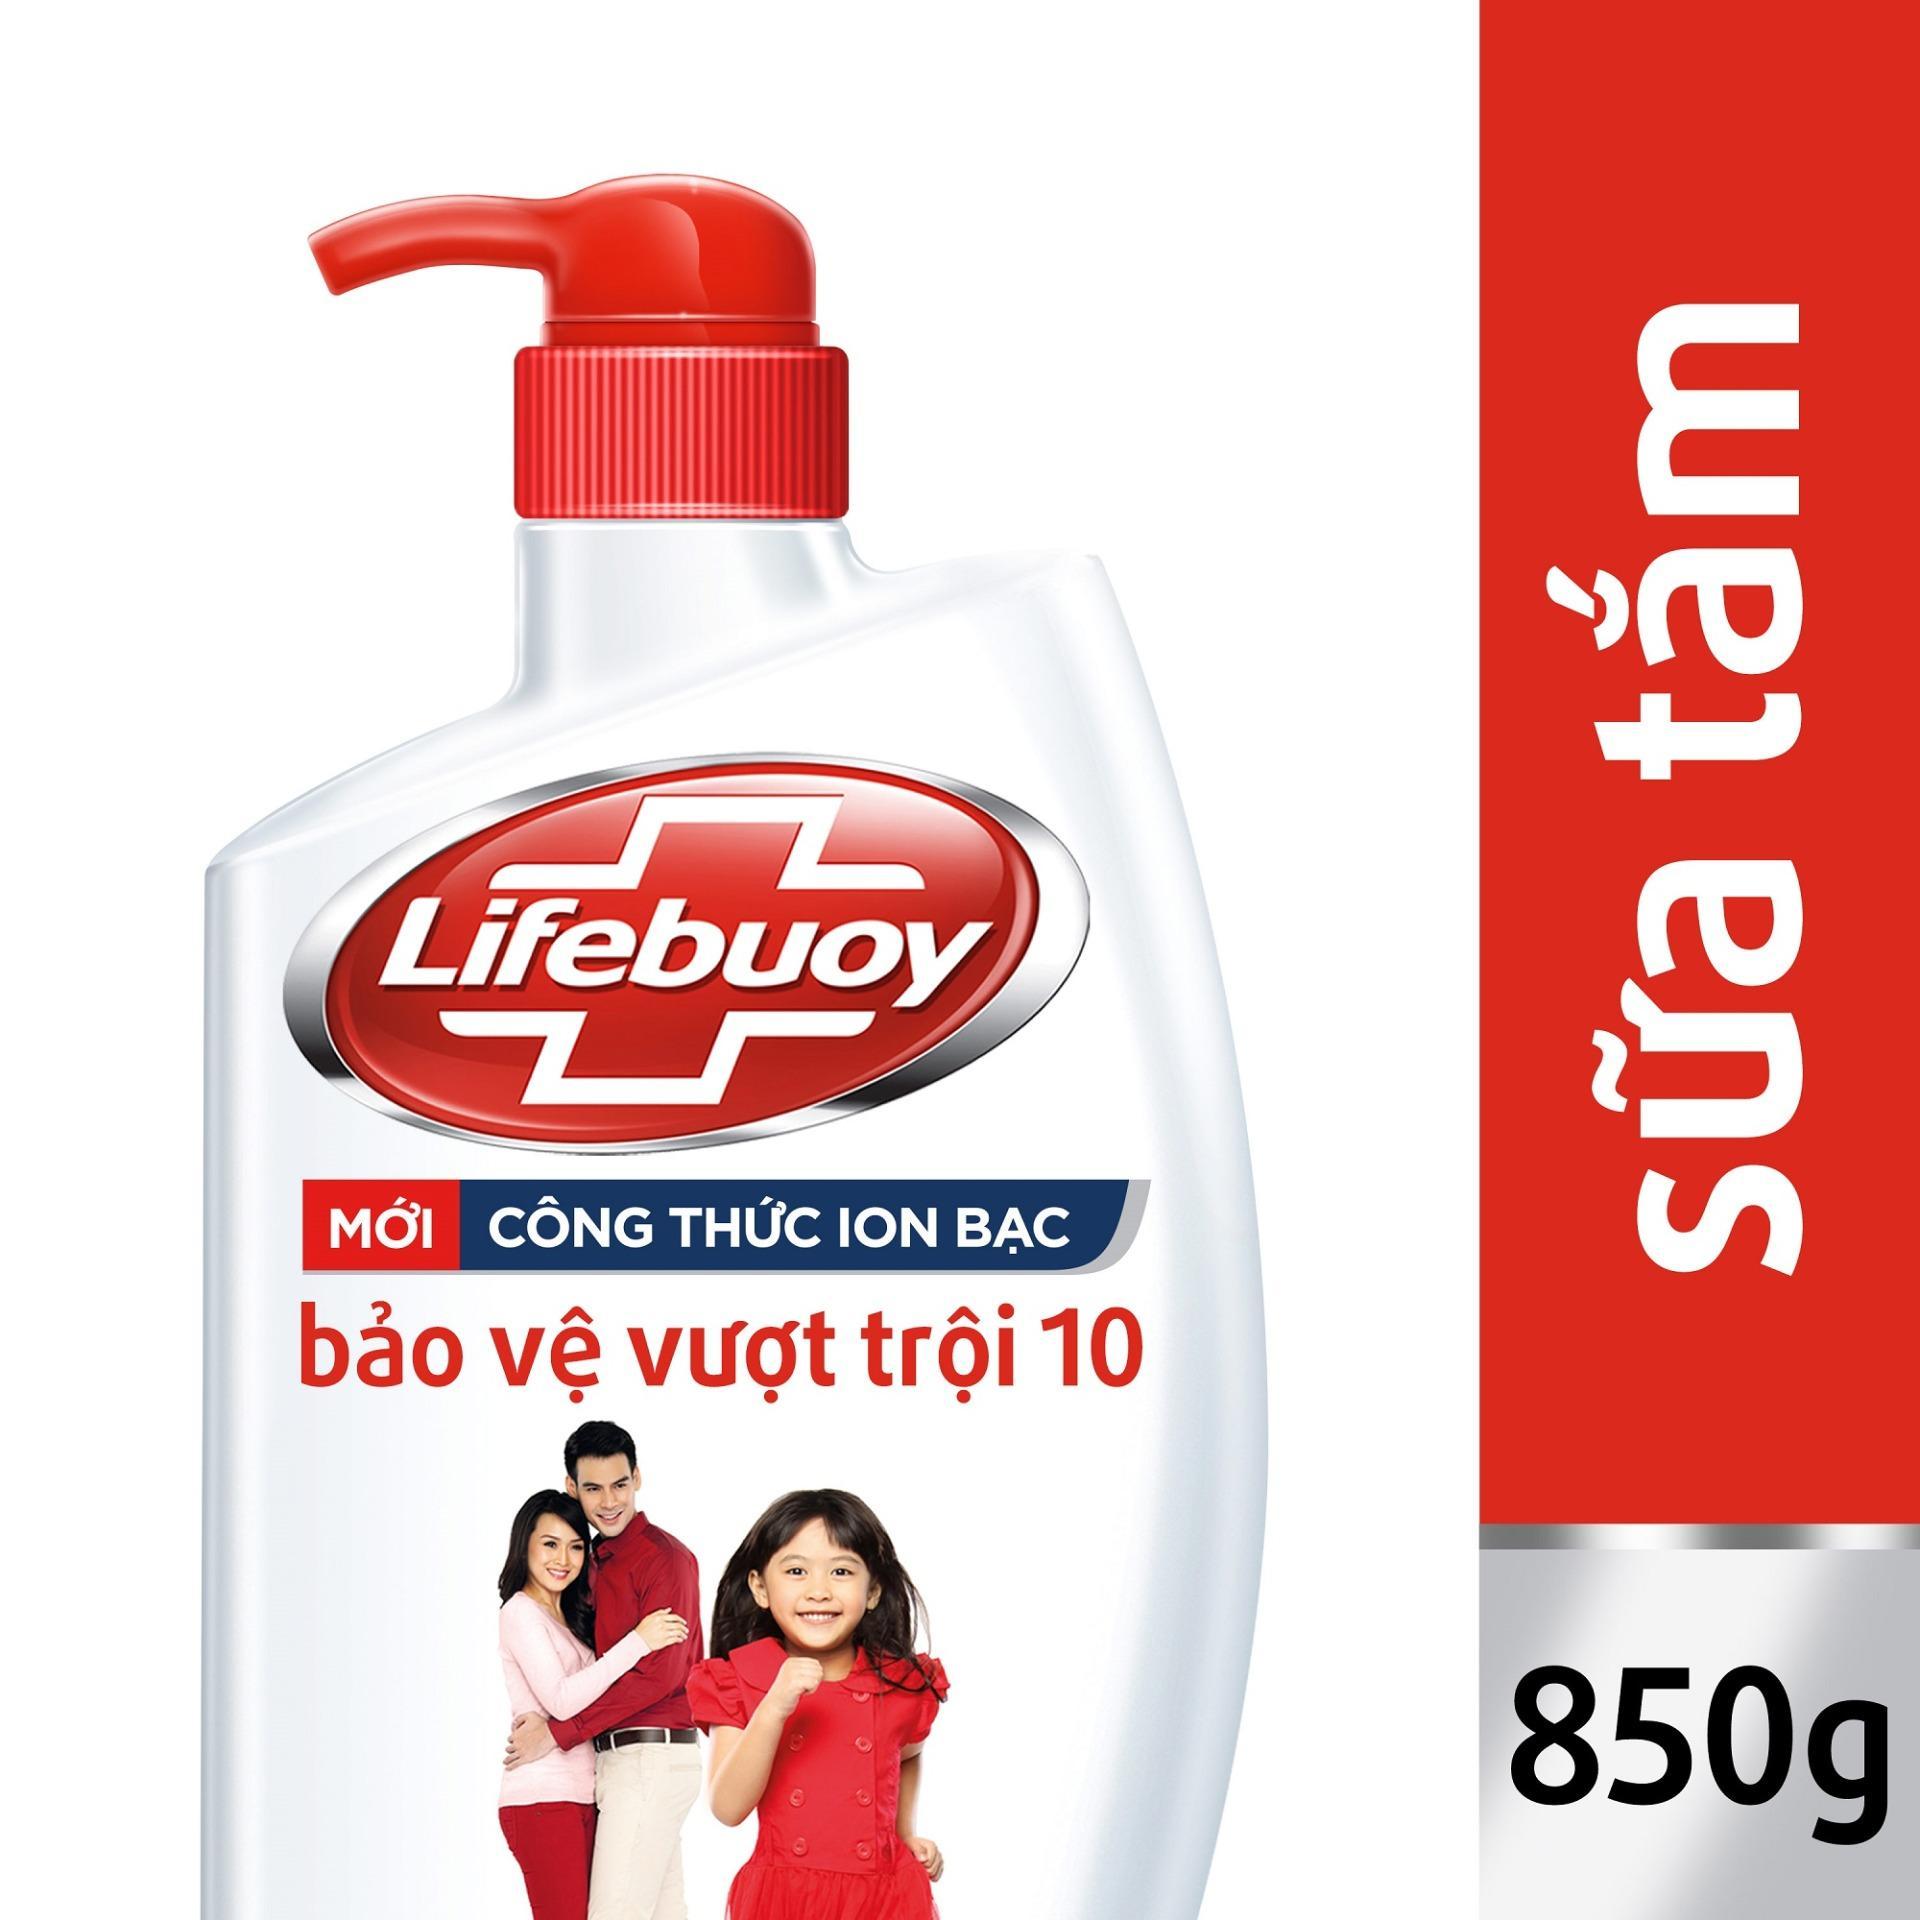 Sữa tắm Lifebuoy Bảo vệ vượt trội 10 850 g